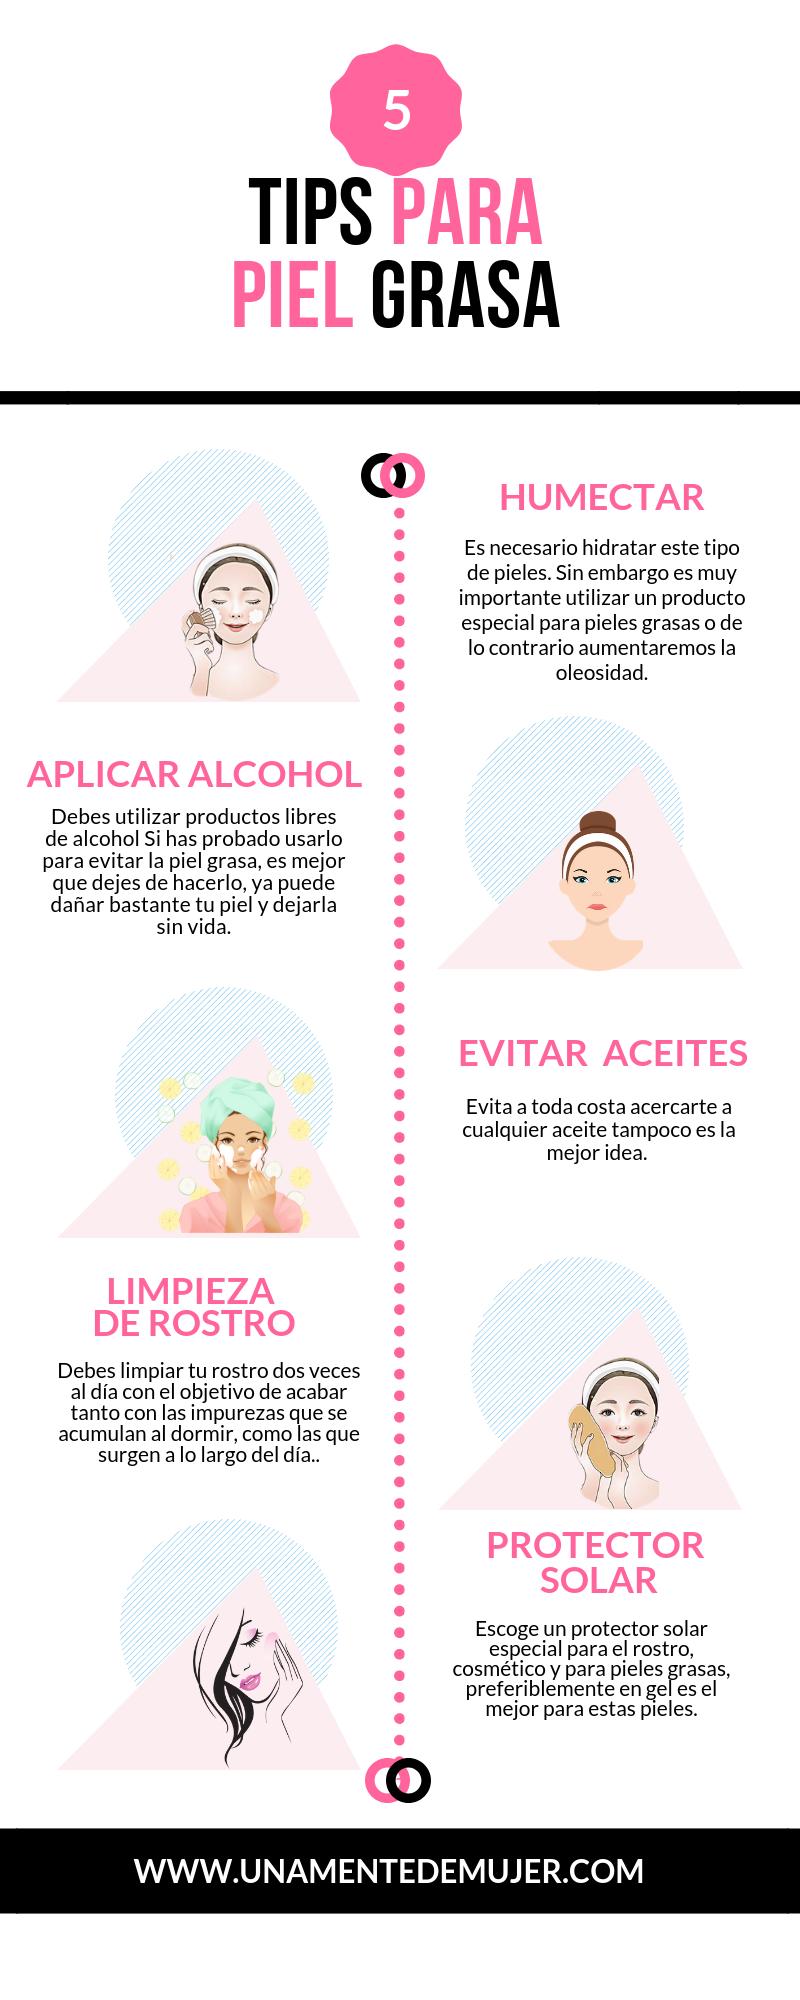 Tips Para Piel Grasa Y Maquillaje Para Piel Grasa Cuidados De La Piel Grasa Piel Grasa Maquillaje Tips Tips For Oily Skin Oily Skin Care Skin Care